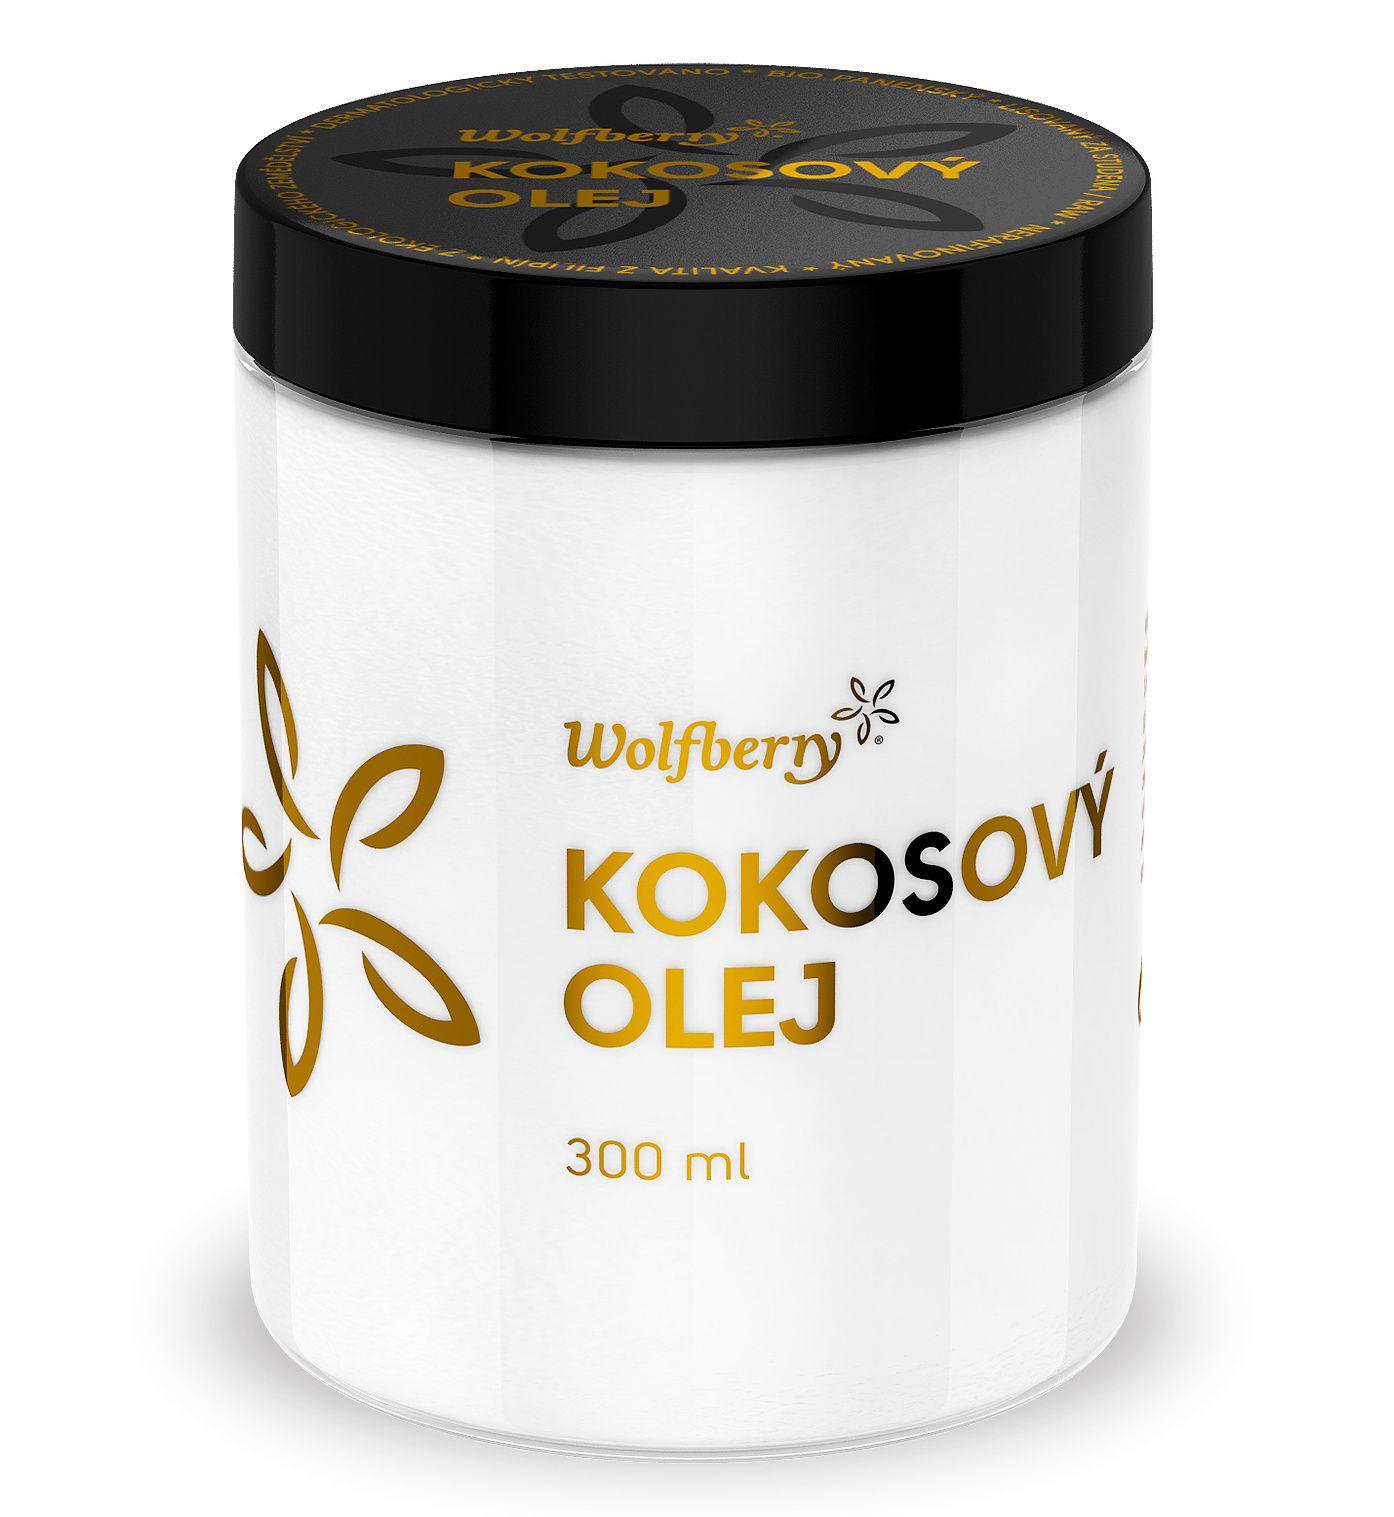 Wolfberry BIO panenský kokosový olej 300 ml